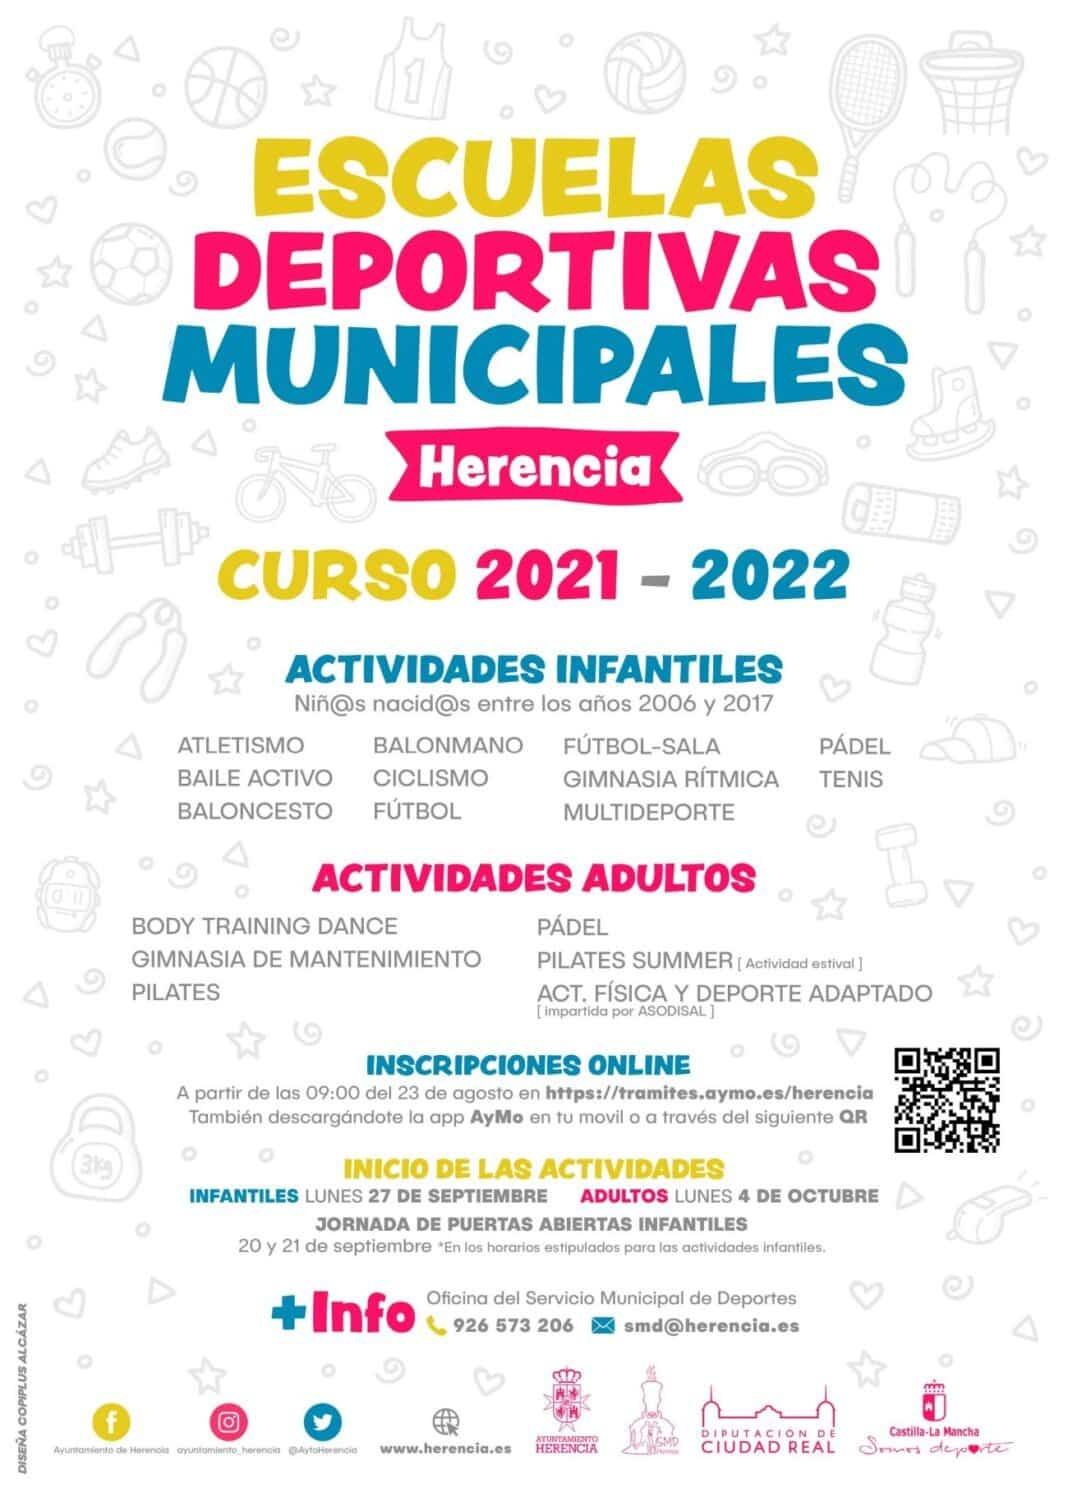 Las inscripciones para las escuelas deportivas 2021-2022 comenzarán el 23 de agosto 7